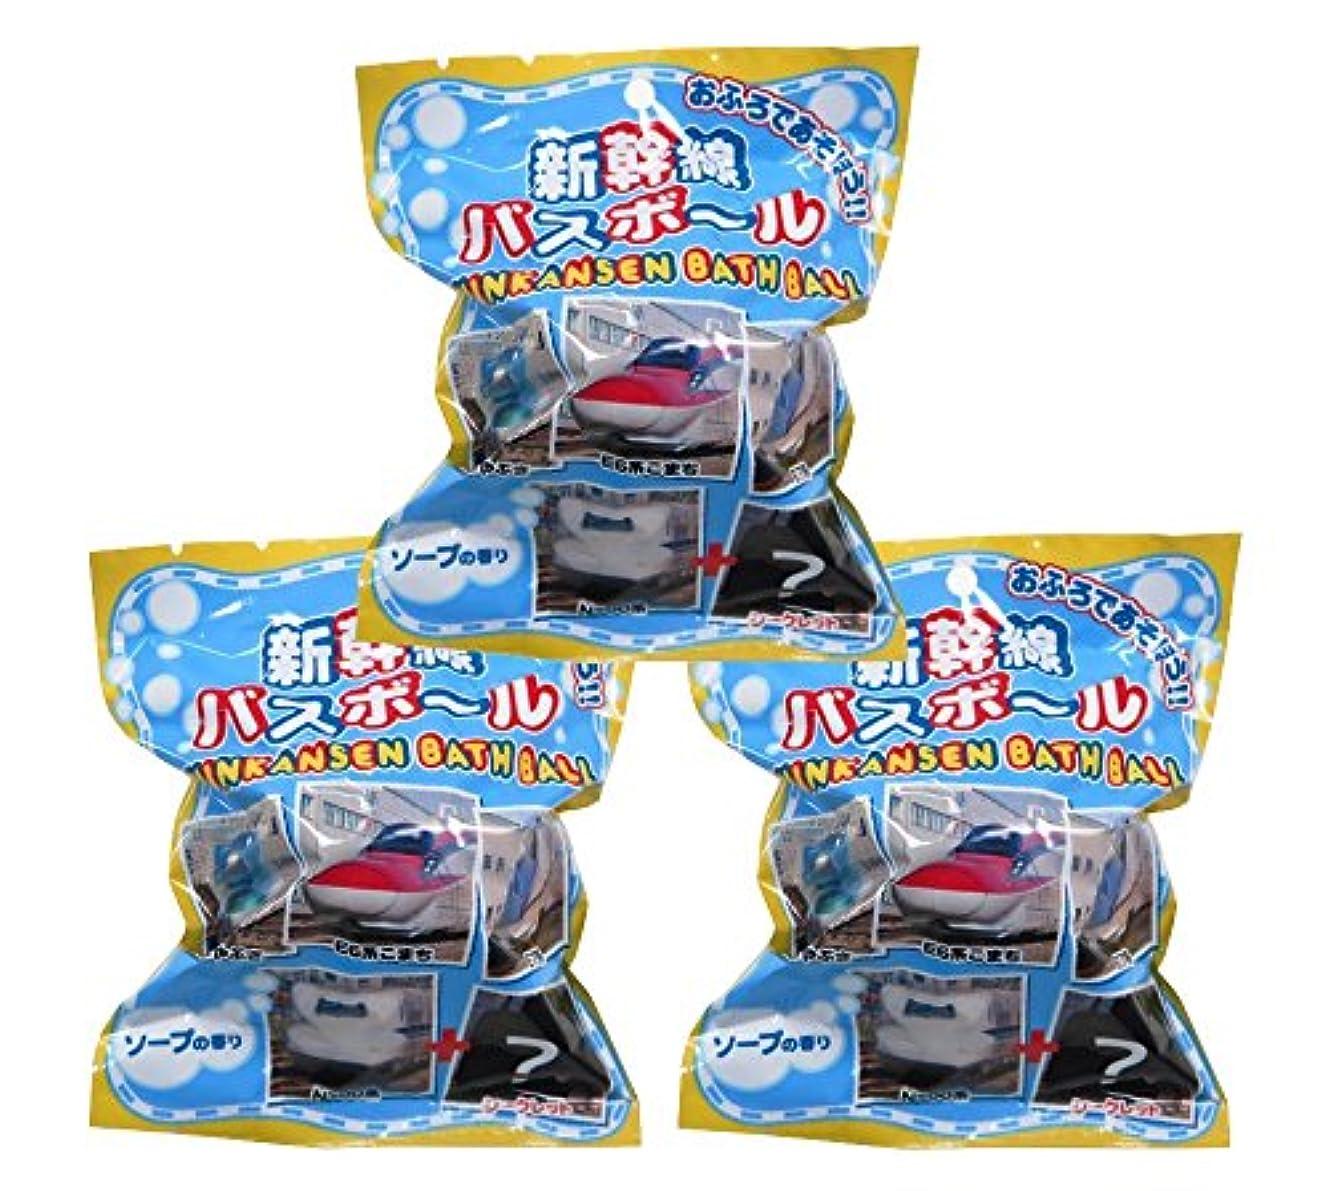 傑作スケートぴかぴかJR新幹線 入浴剤 マスコットが飛び出るバスボール 3個セット